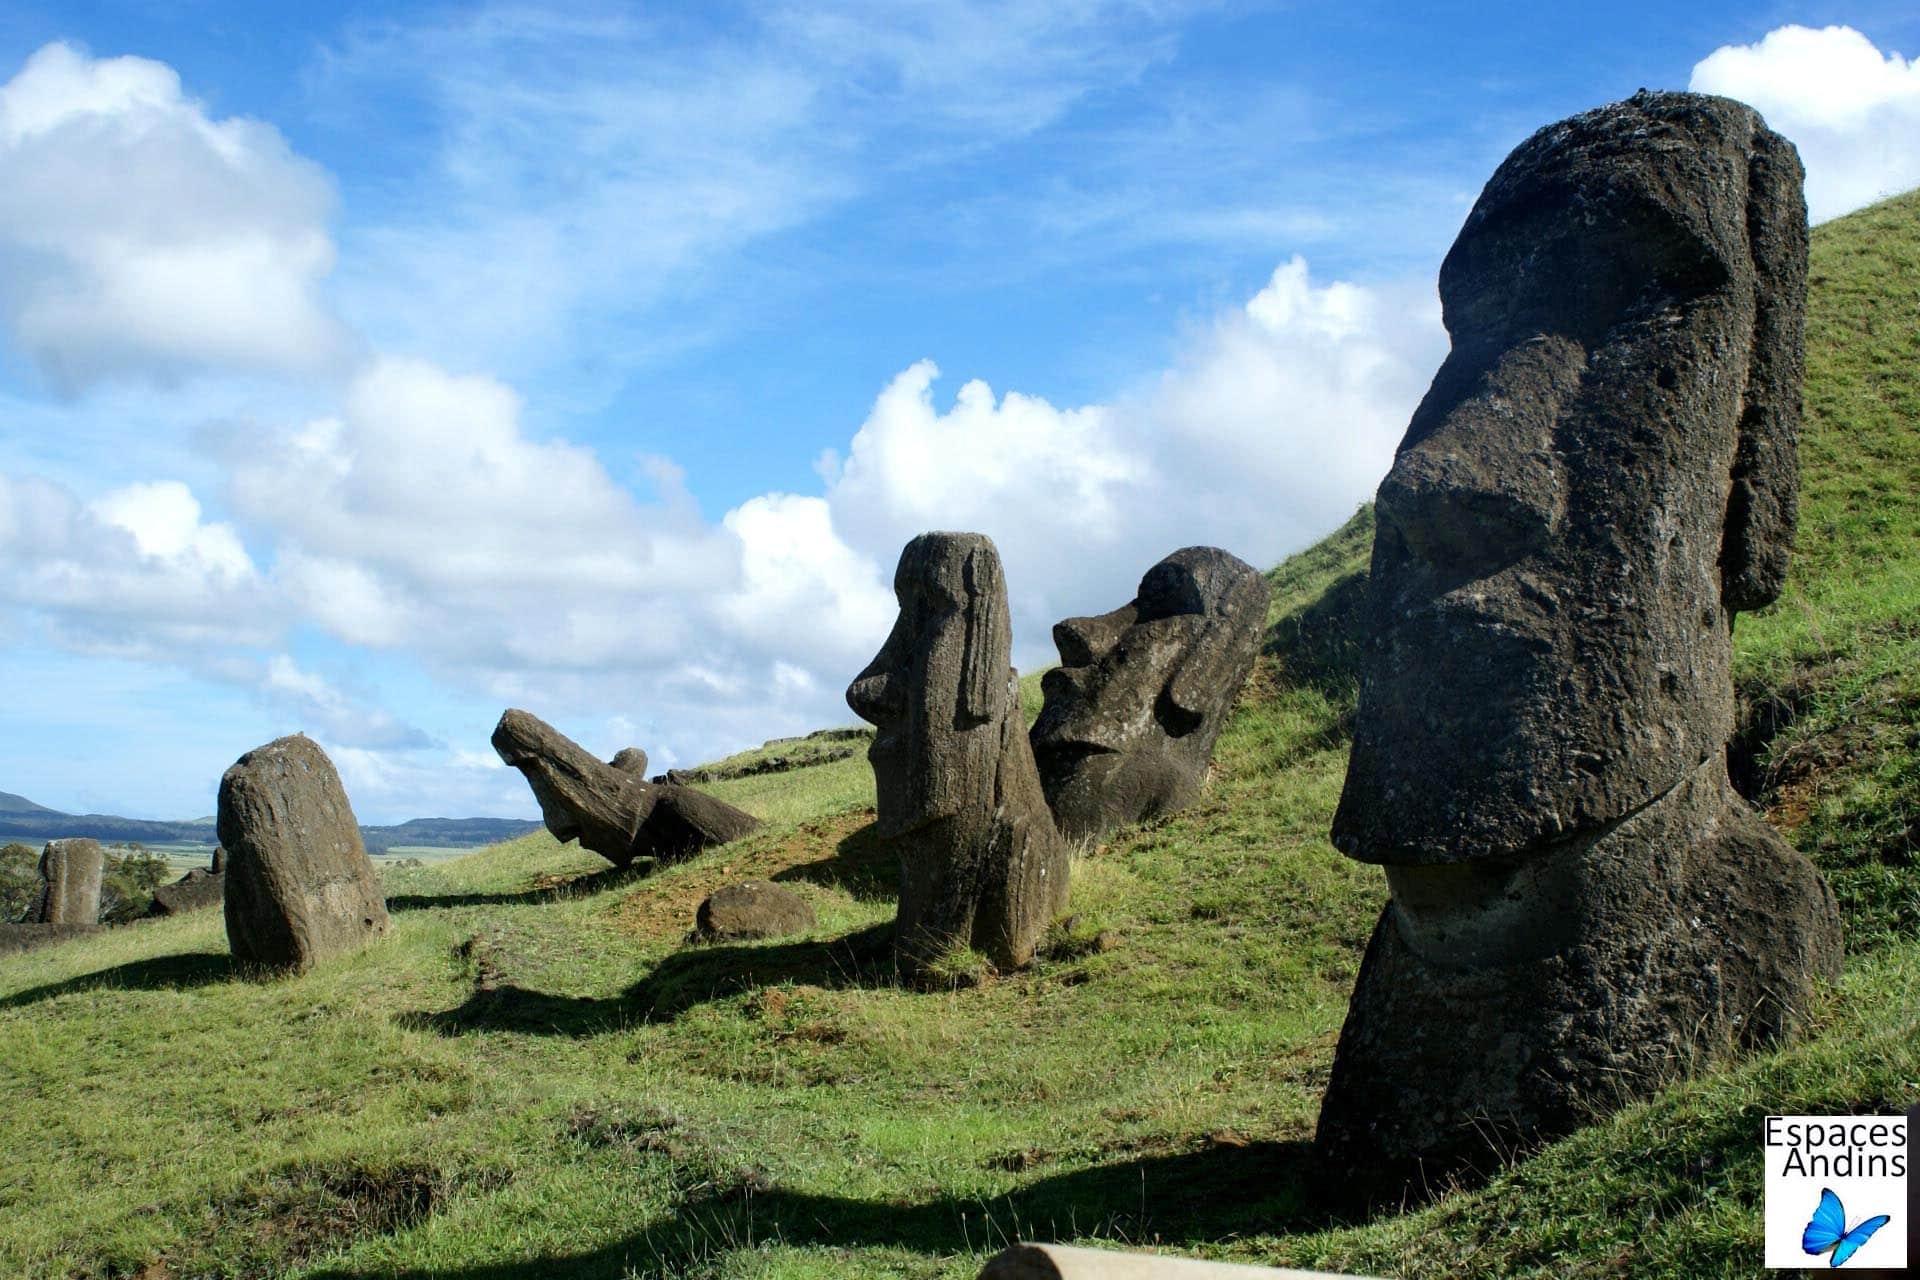 La Grande Carrière De Moai, Ile De Paques, Chili